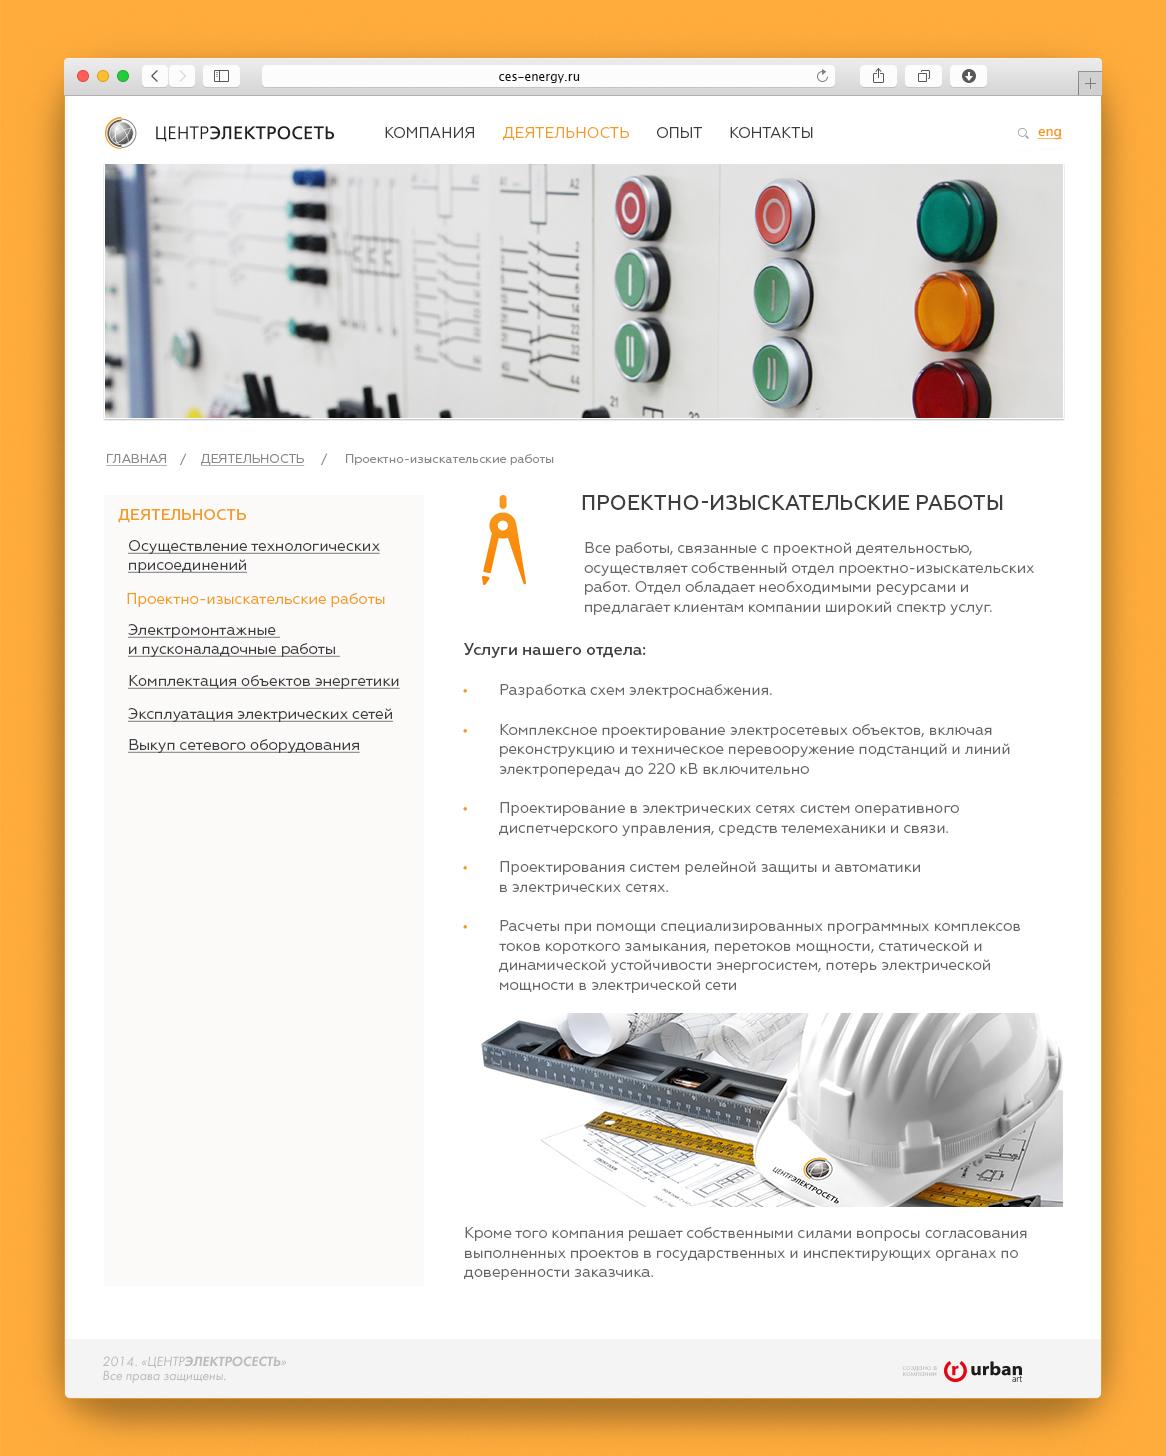 7_сайт_разработка_сайтов_дизайн_брендинг